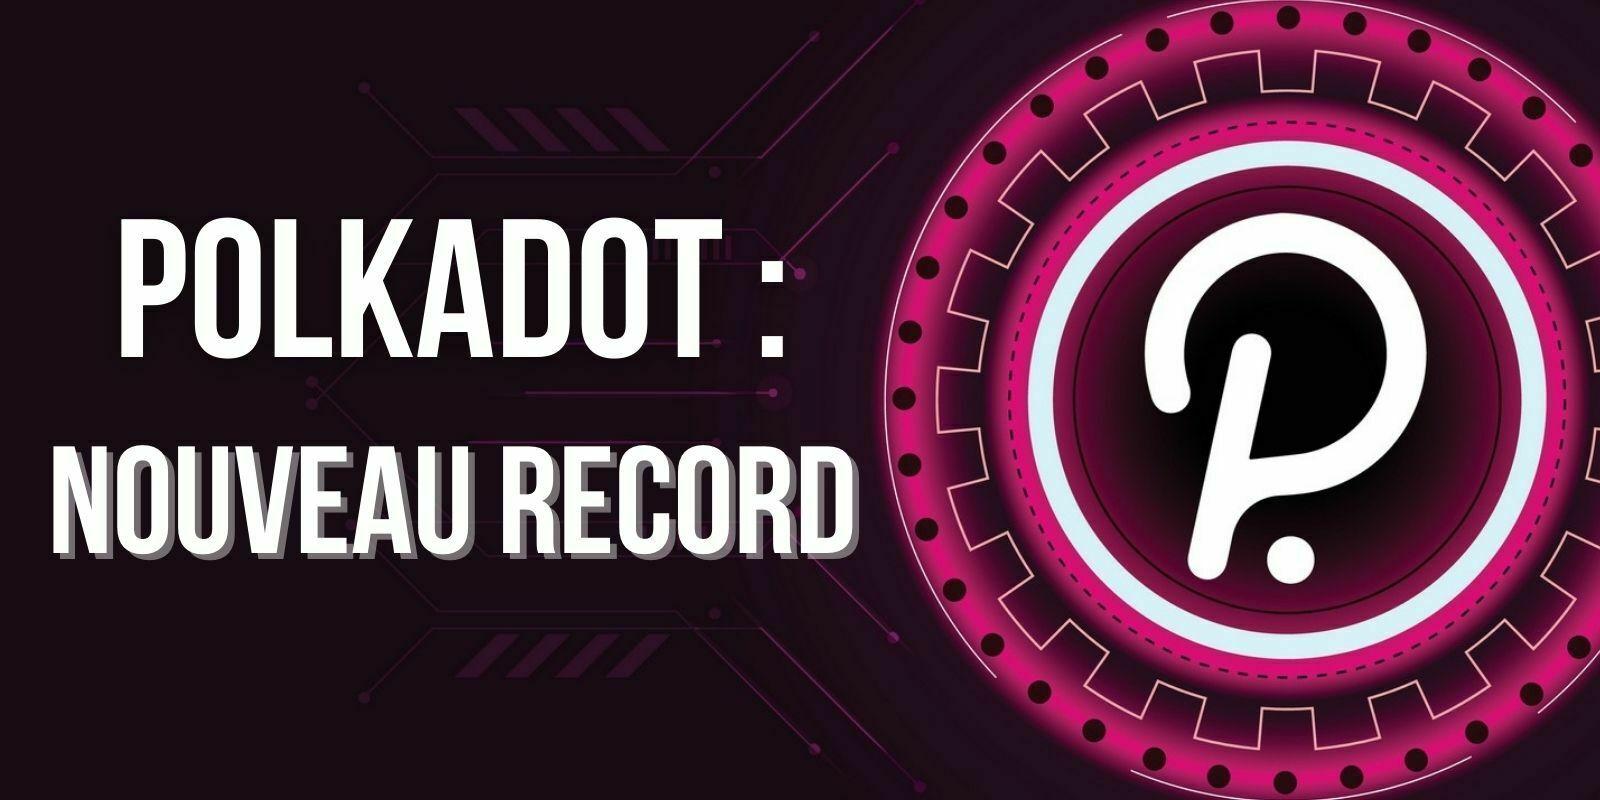 Le DOT atteint un nouveau record alors que Polkadot dévoile sa roadmap